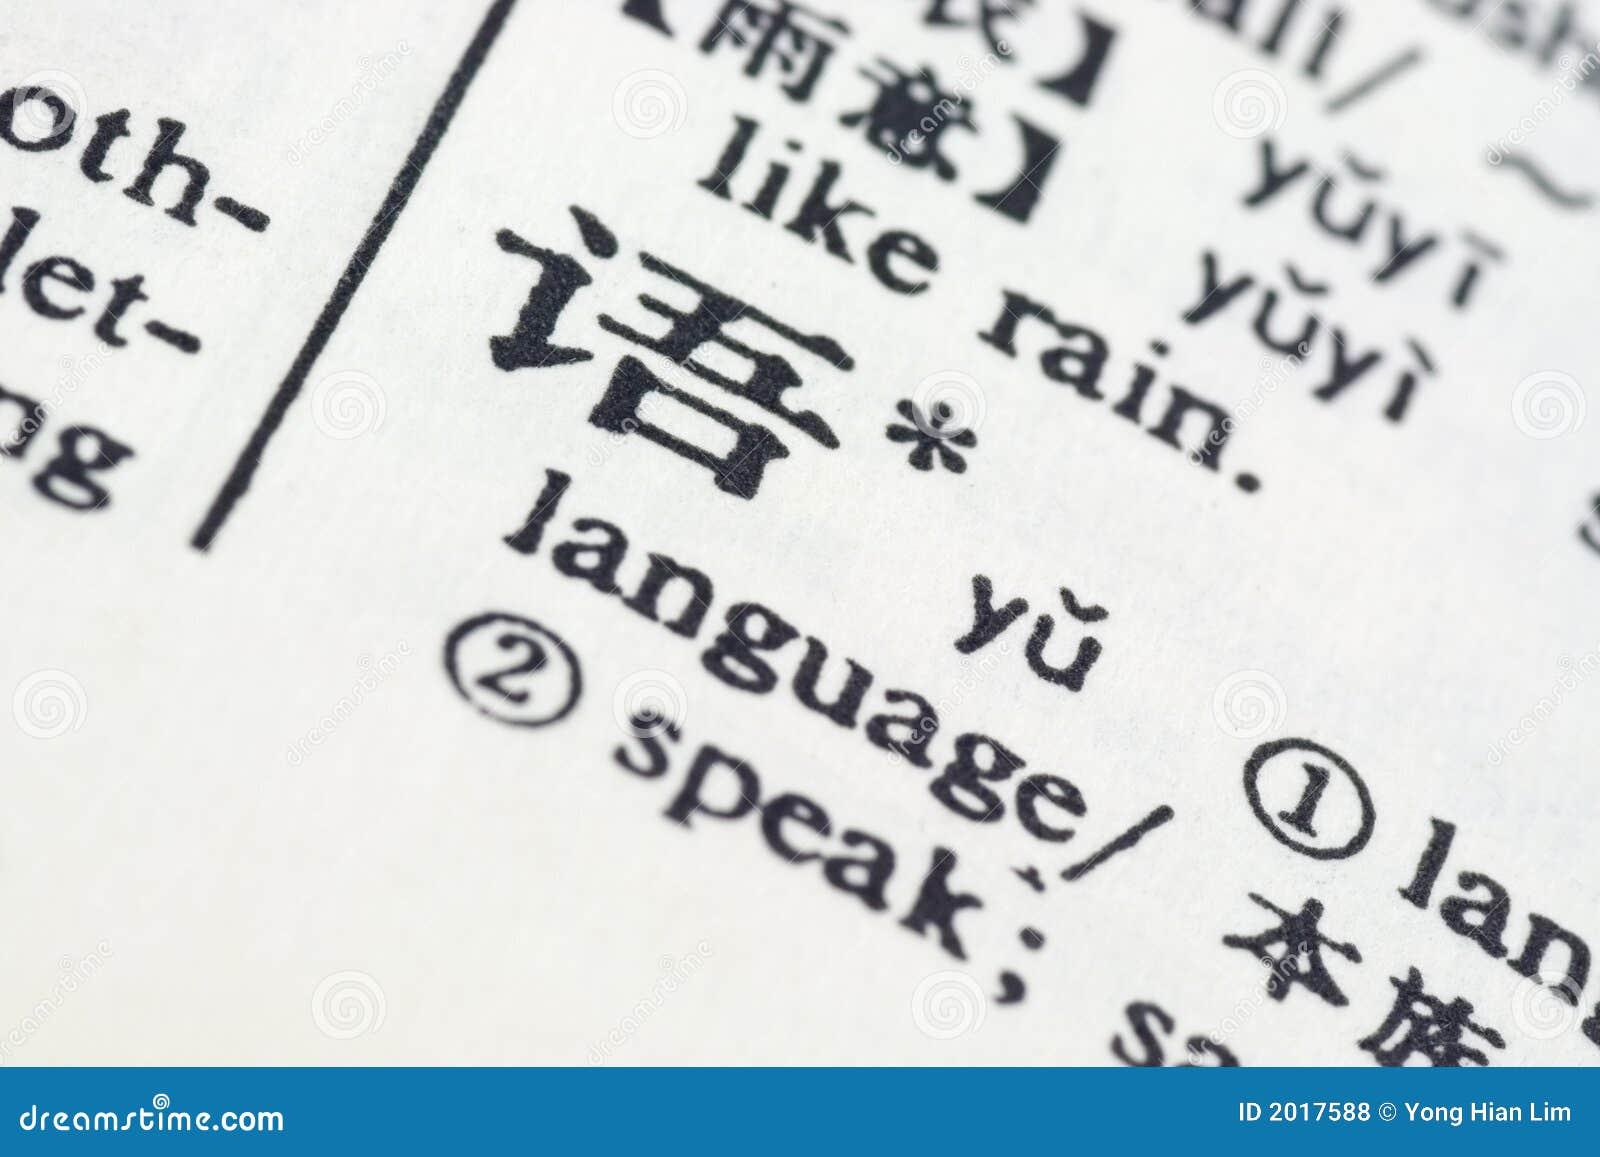 Lenguaje escrito en chino